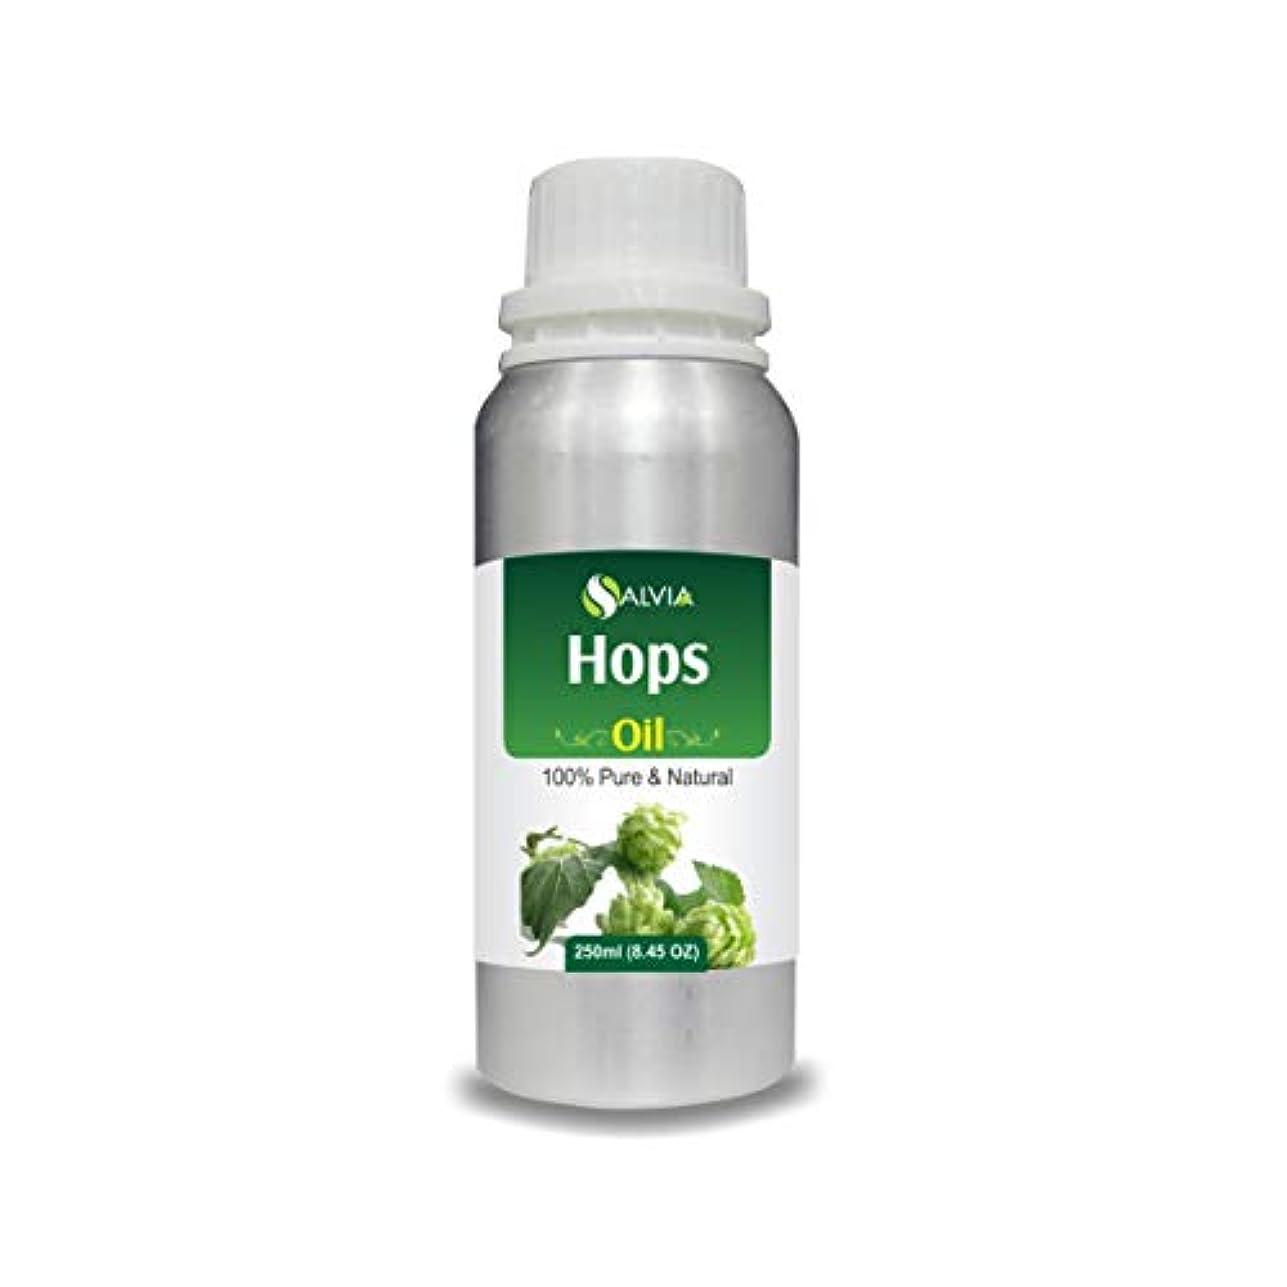 命令の面ではコンドームHops Oil (Humulus lupulus) 100% Natural Pure Undiluted Uncut Essential Oil 250ml